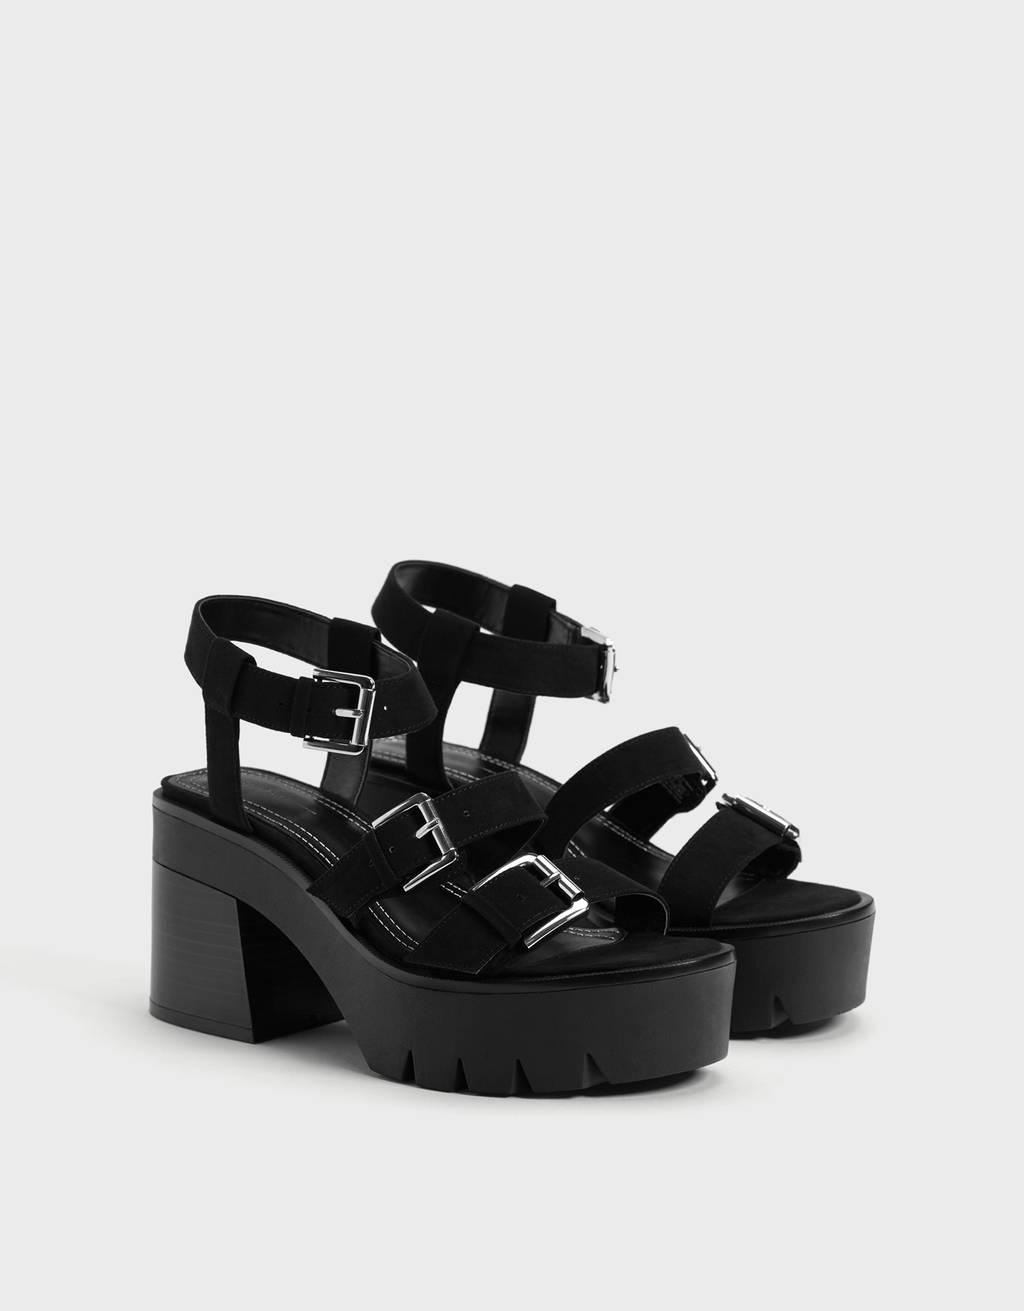 Strapped platform sandals